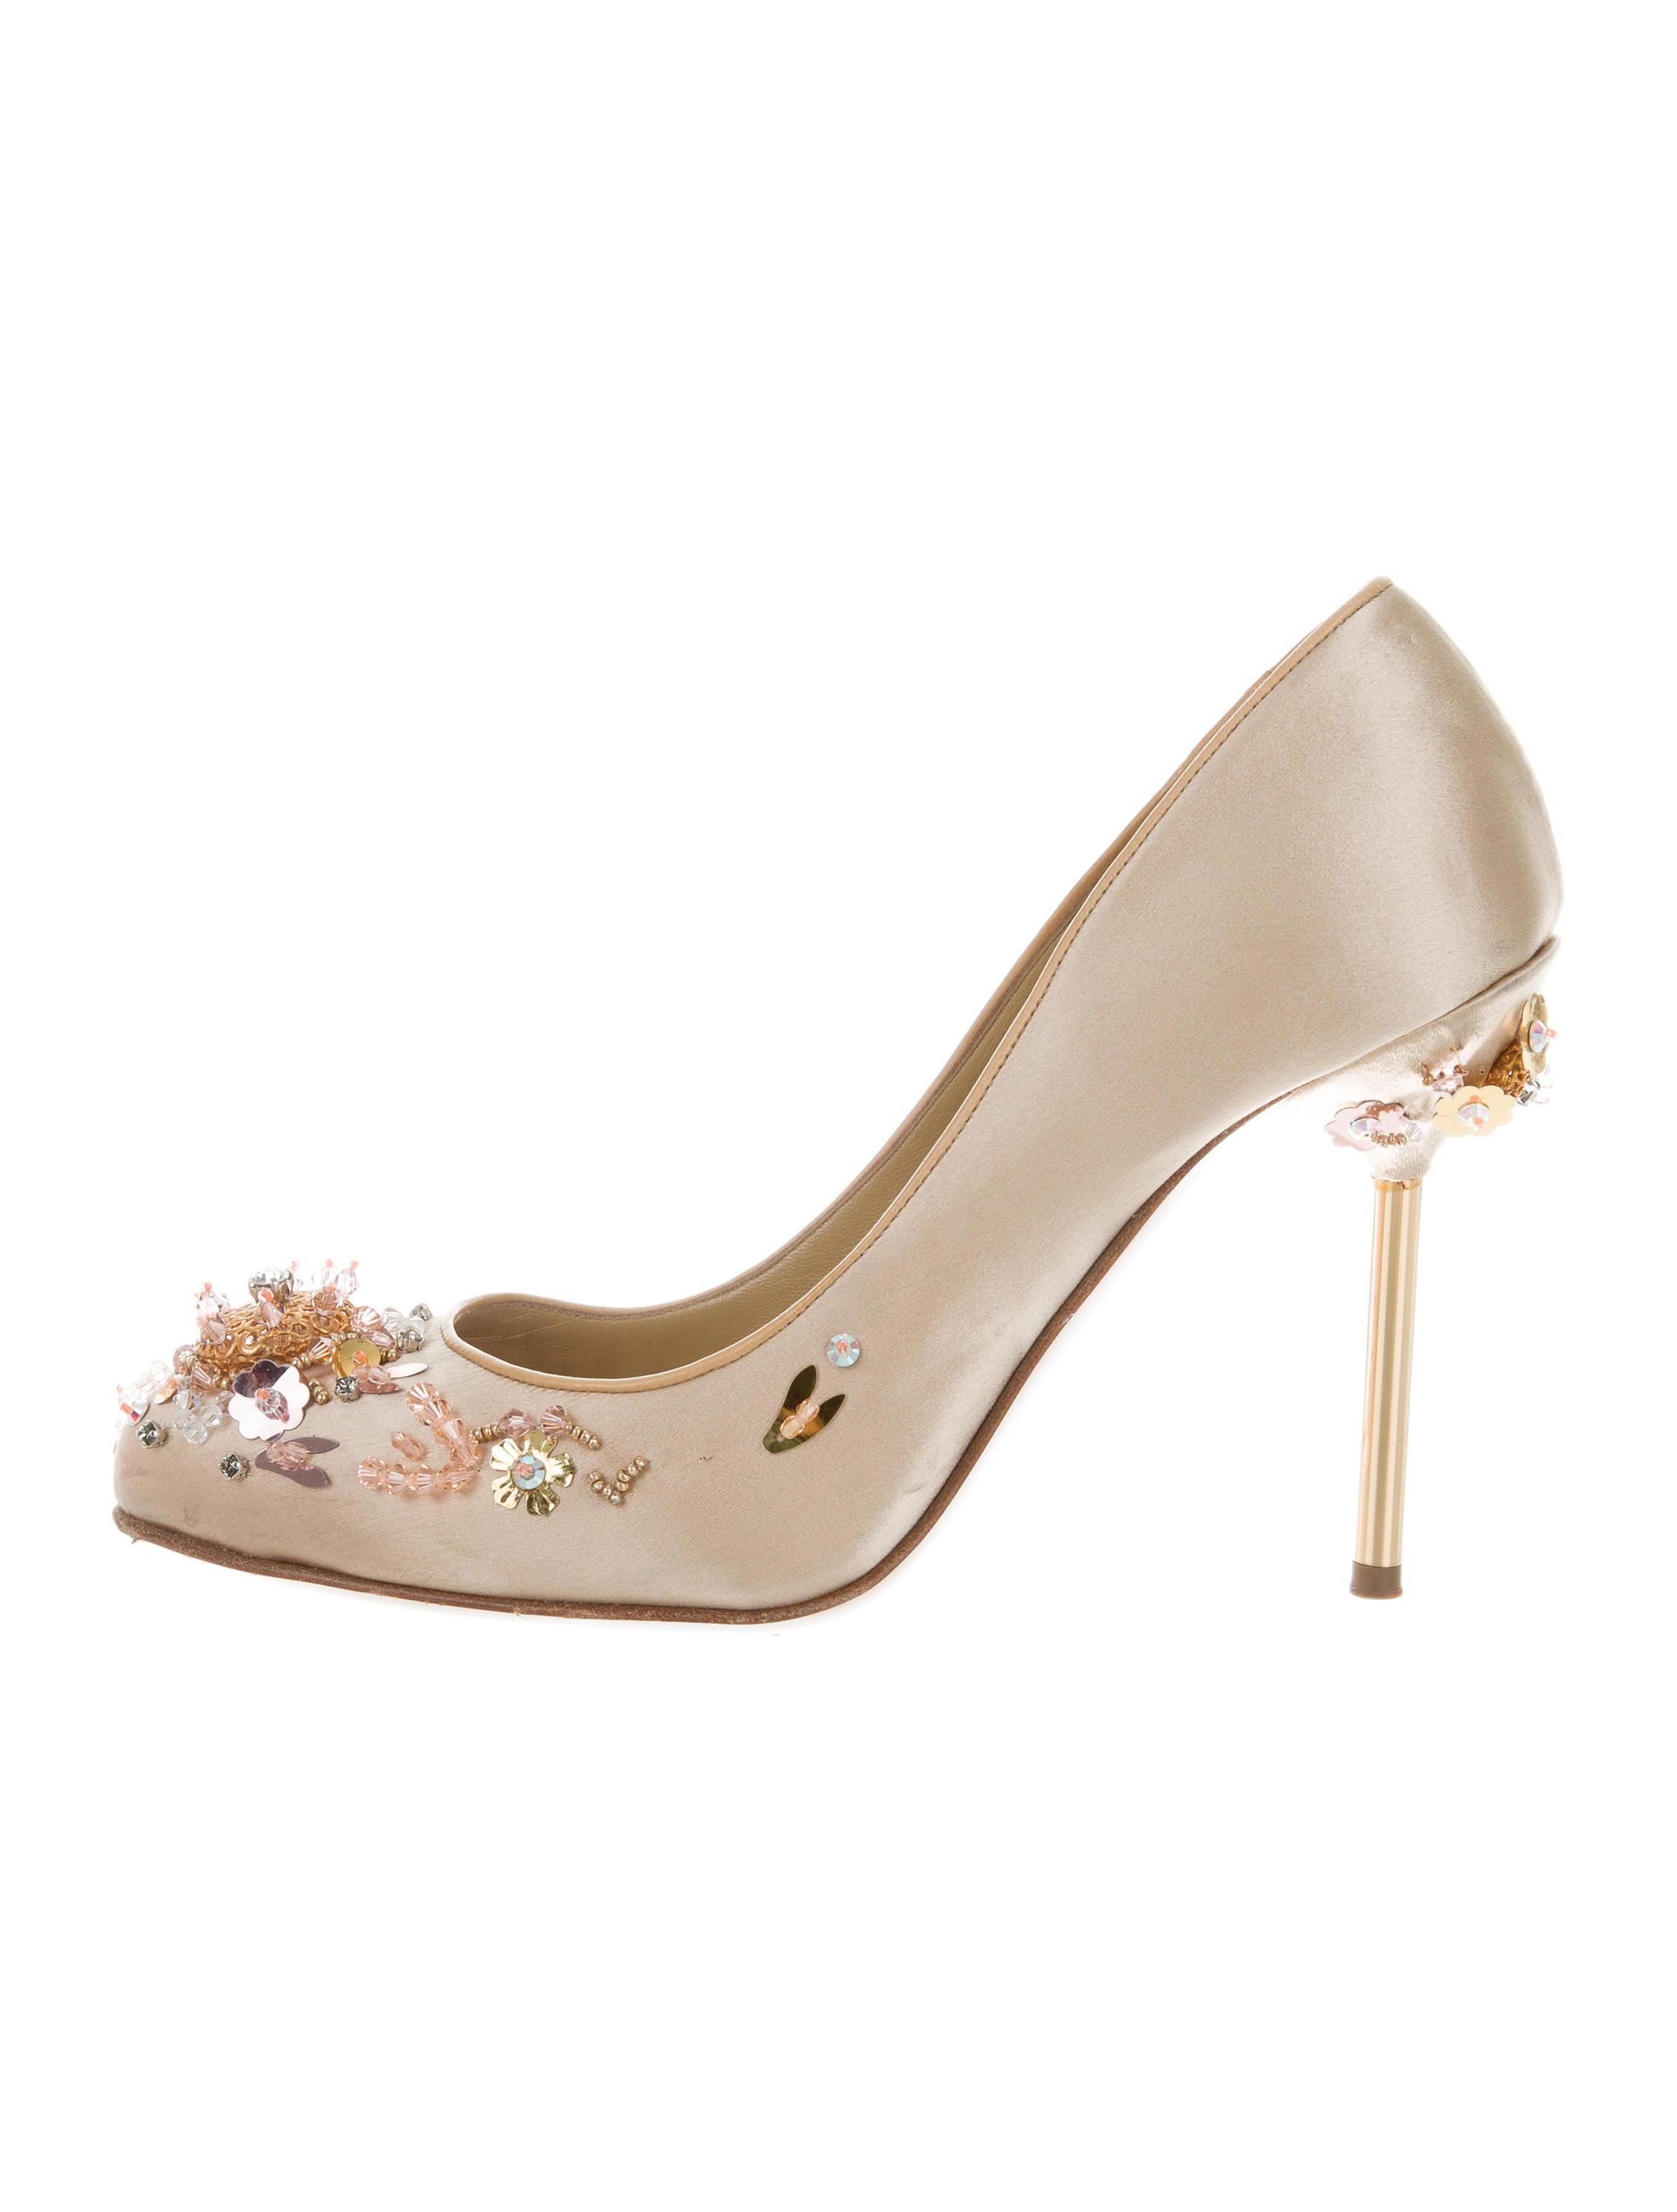 miu miu embellished satin pumps shoes miu52335 the. Black Bedroom Furniture Sets. Home Design Ideas